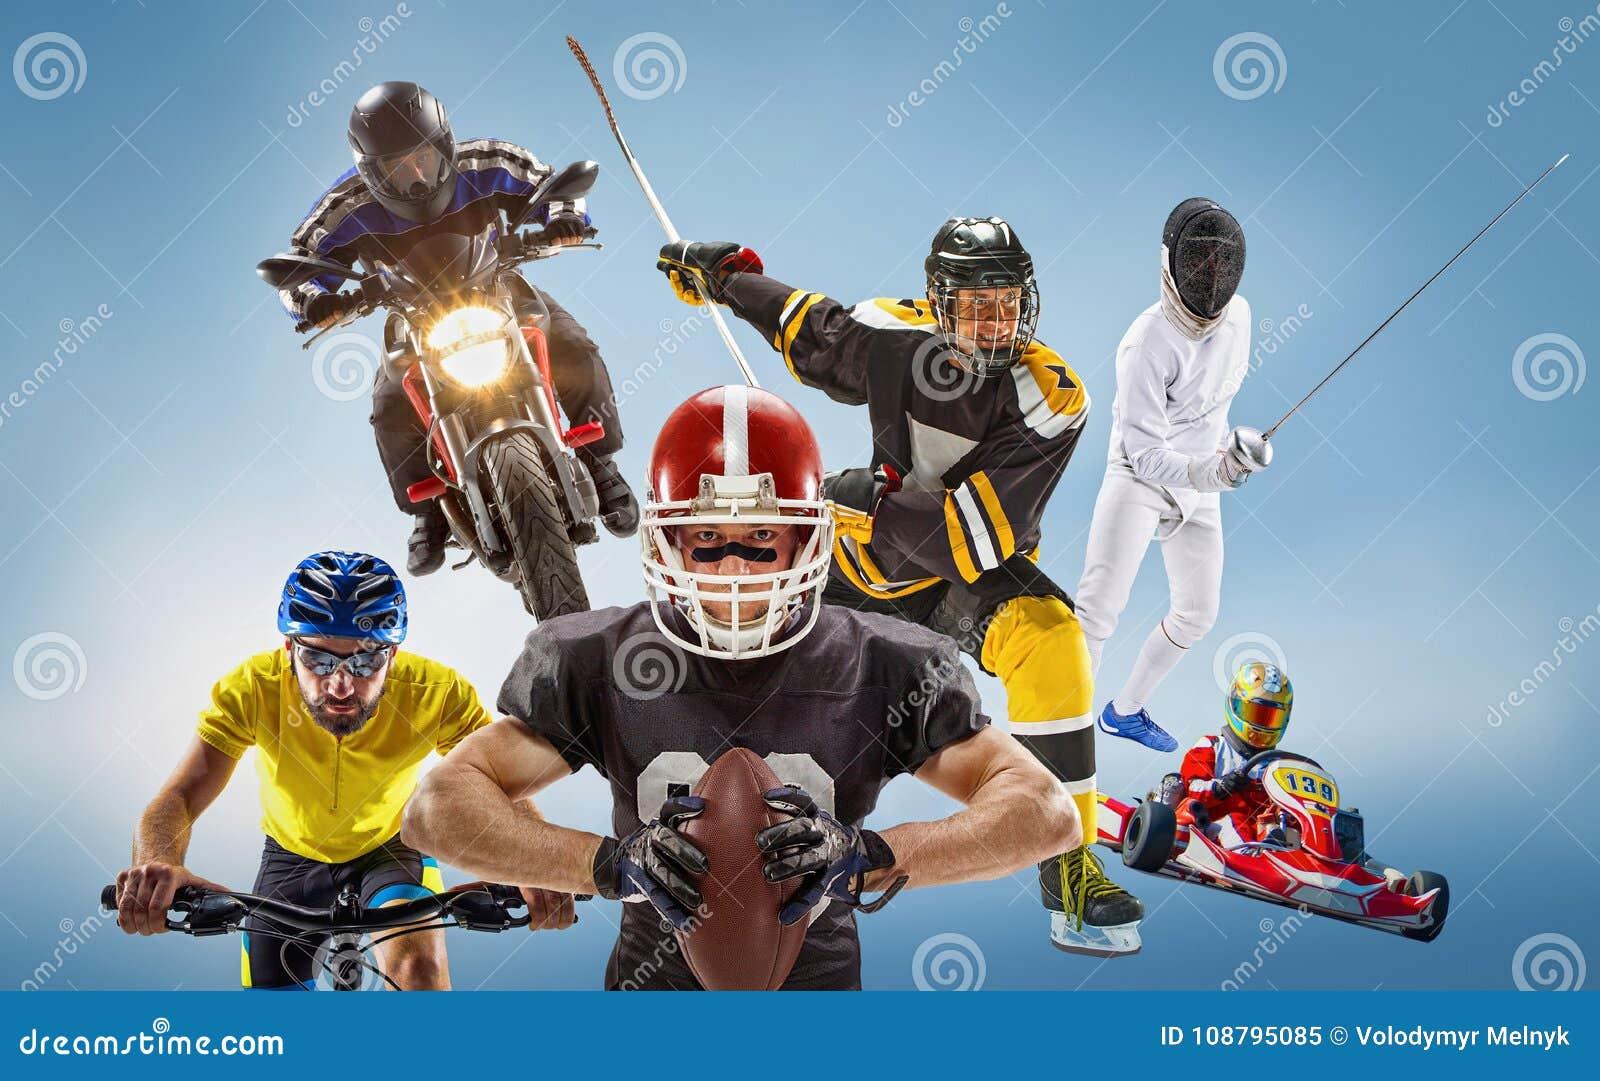 El collage multi conceptual de los deportes con el fútbol americano, hockey, cyclotourism, cercando, deporte de motor